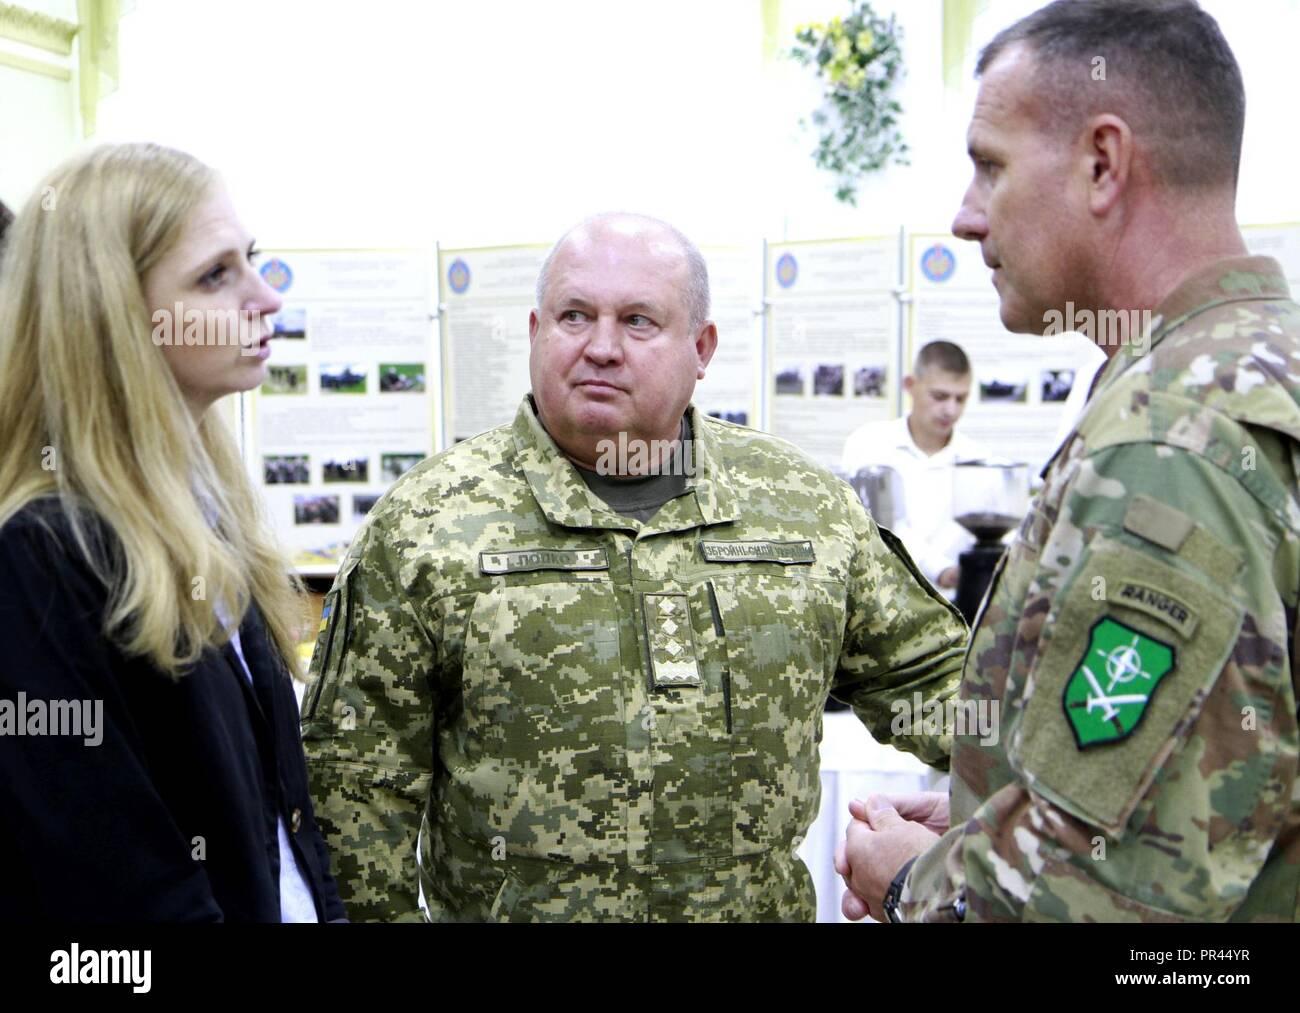 Ukrainische Col. Gen. 363 Popko (Mitte), Kommandeur der ukrainischen Land Forces Command, spricht durch sein Dolmetscher zu US-Armee Generalleutnant John Thomson (rechts), Kommandeur der NATO-Verbündeten Land Befehl (LANDCOM), nach der Unterzeichnung der Zusammenarbeit zwischen der Ukraine und der NATO Kommando Landstreitkräfte Allied Land Befehl bei schnellen Trident, Sept. 6 an der internationalen Friedenssicherung Security Center in der Nähe von Yavoriv, Ukraine. Stockfoto